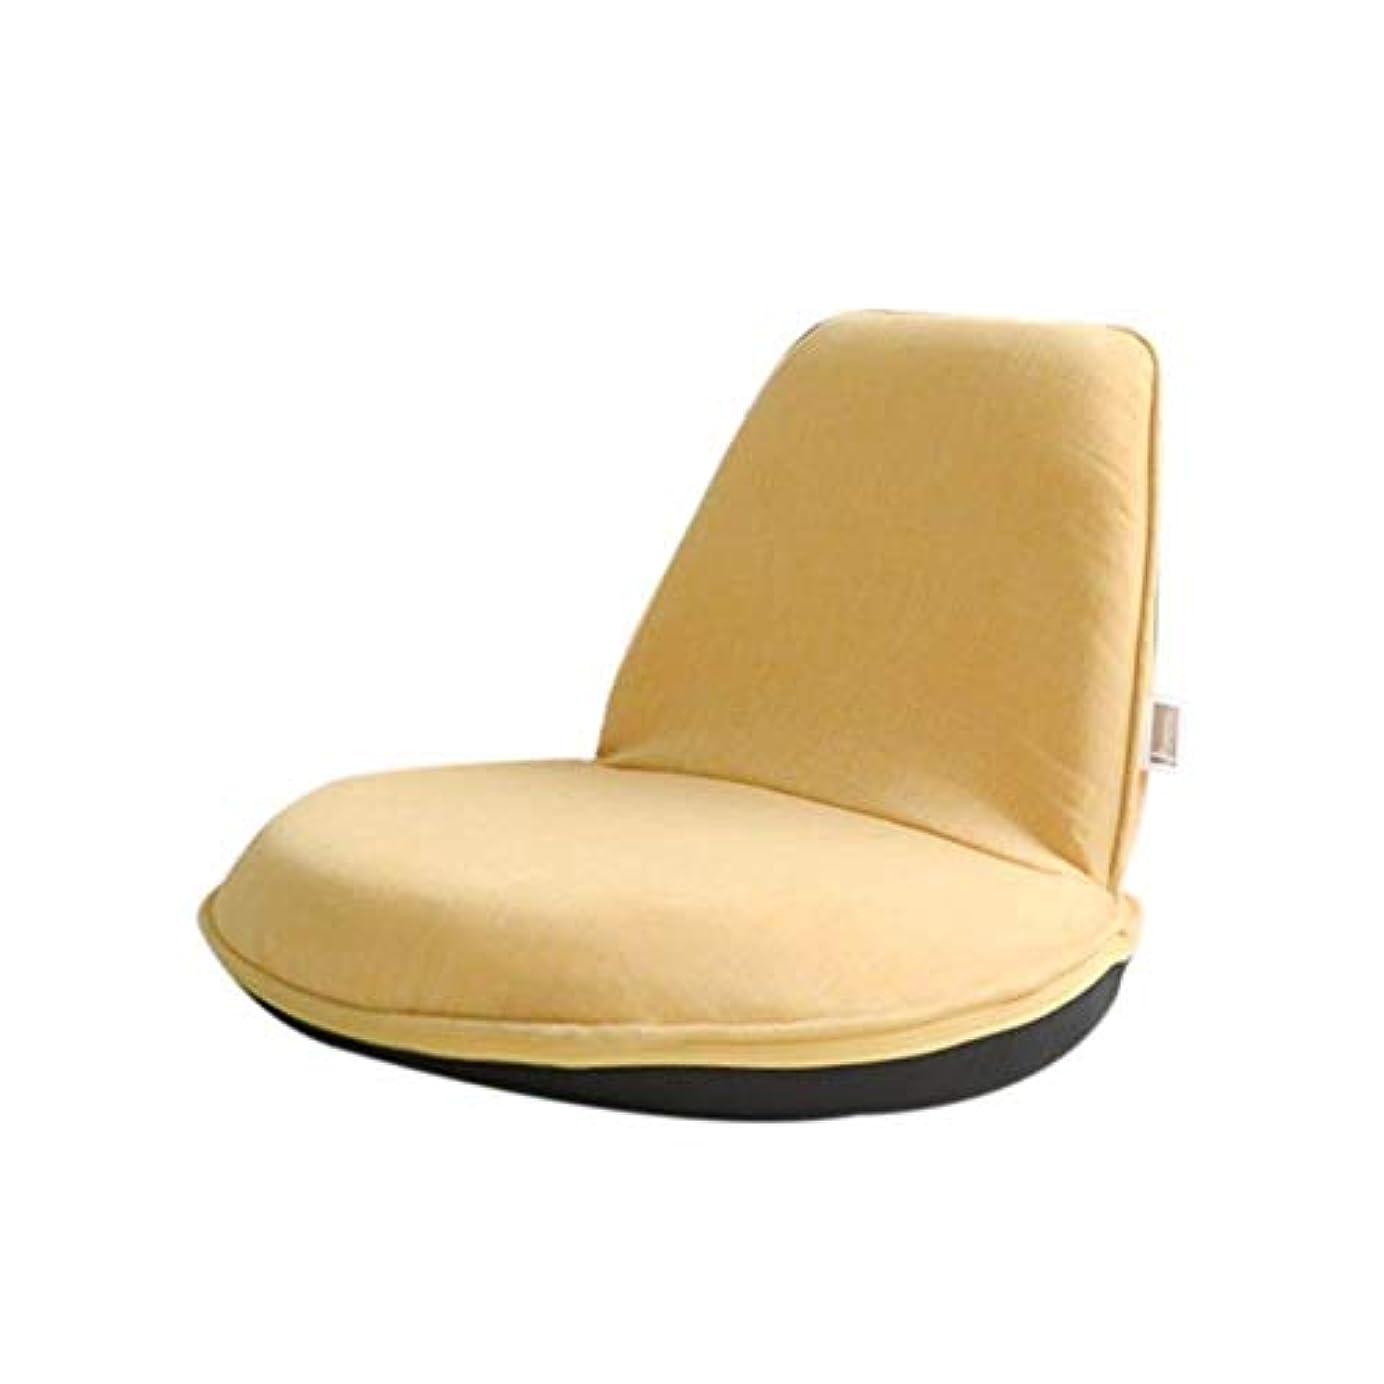 保護するしてはいけませんクマノミ瞑想チェア、レイジーチェア、子供用シングルミニ折りたたみフロアチェア、ベッドルームレイジースモールソファ、ゲームチェア、畳、背もたれ付きベッドルームベイウィンドウ日本の椅子 (Color : 黄)